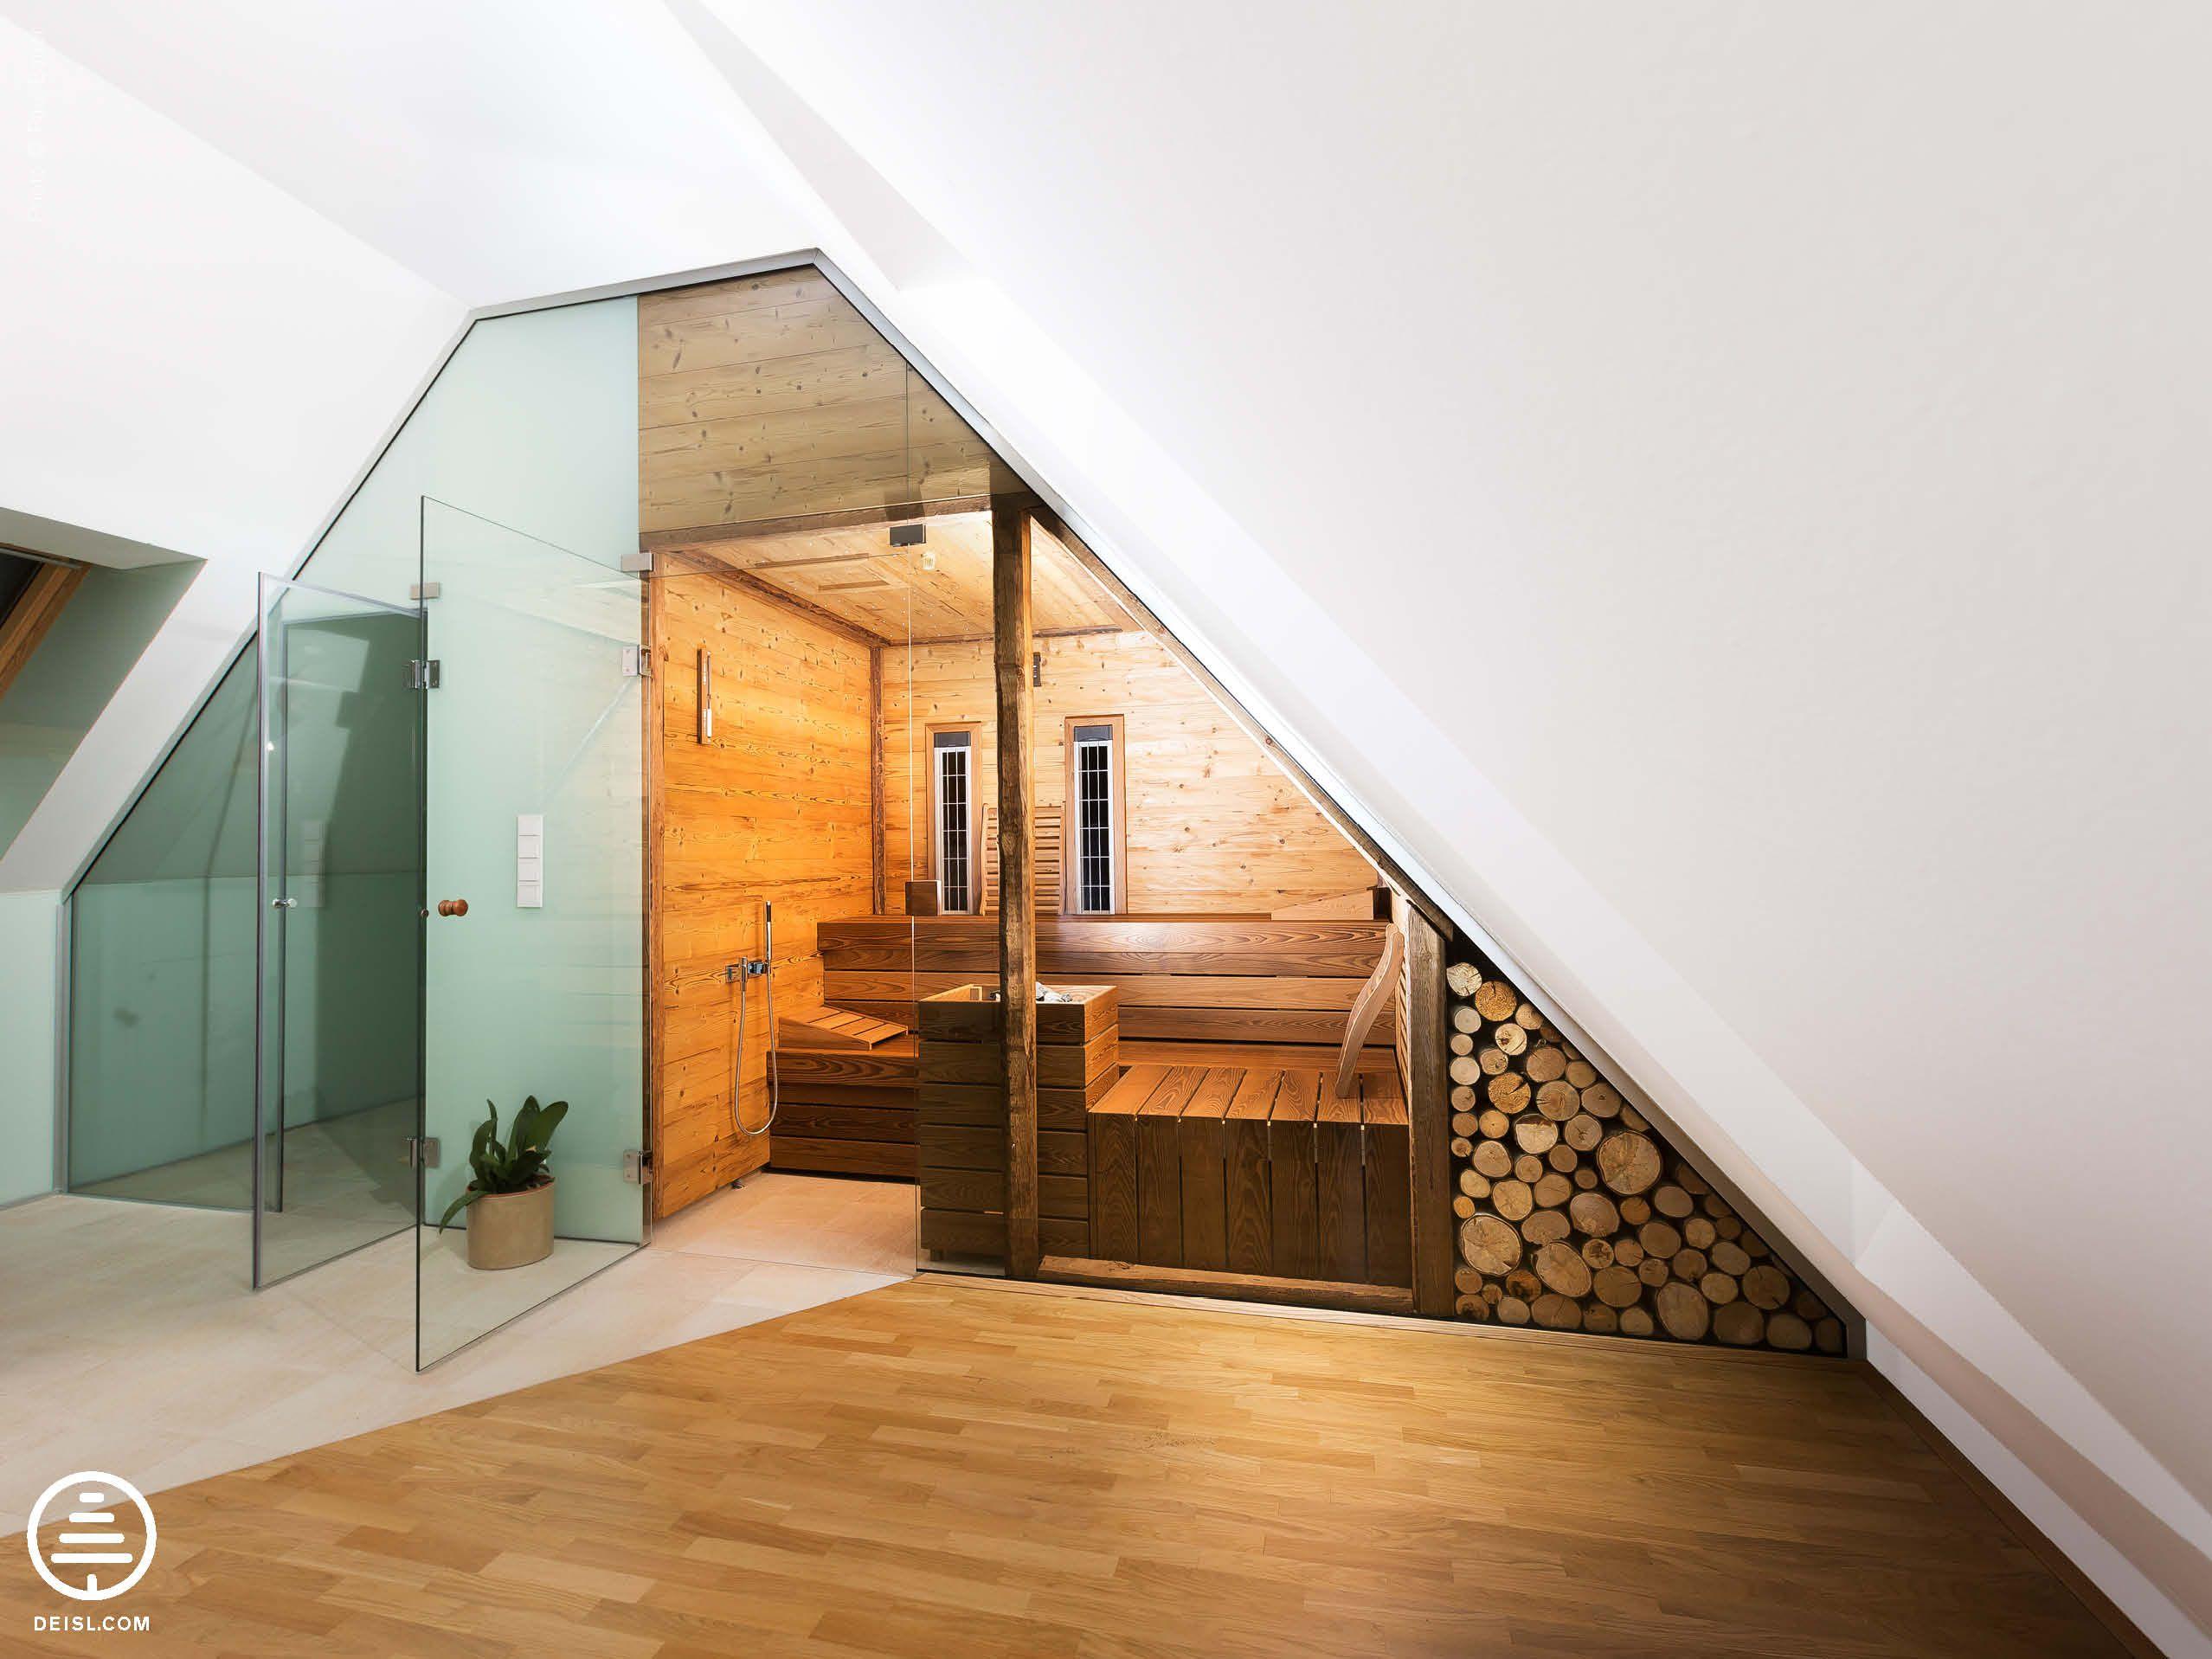 Badezimmer Sternenhimmel ~ Eingebaute sauna von deisl in fichte thermobehandelt und gehackte